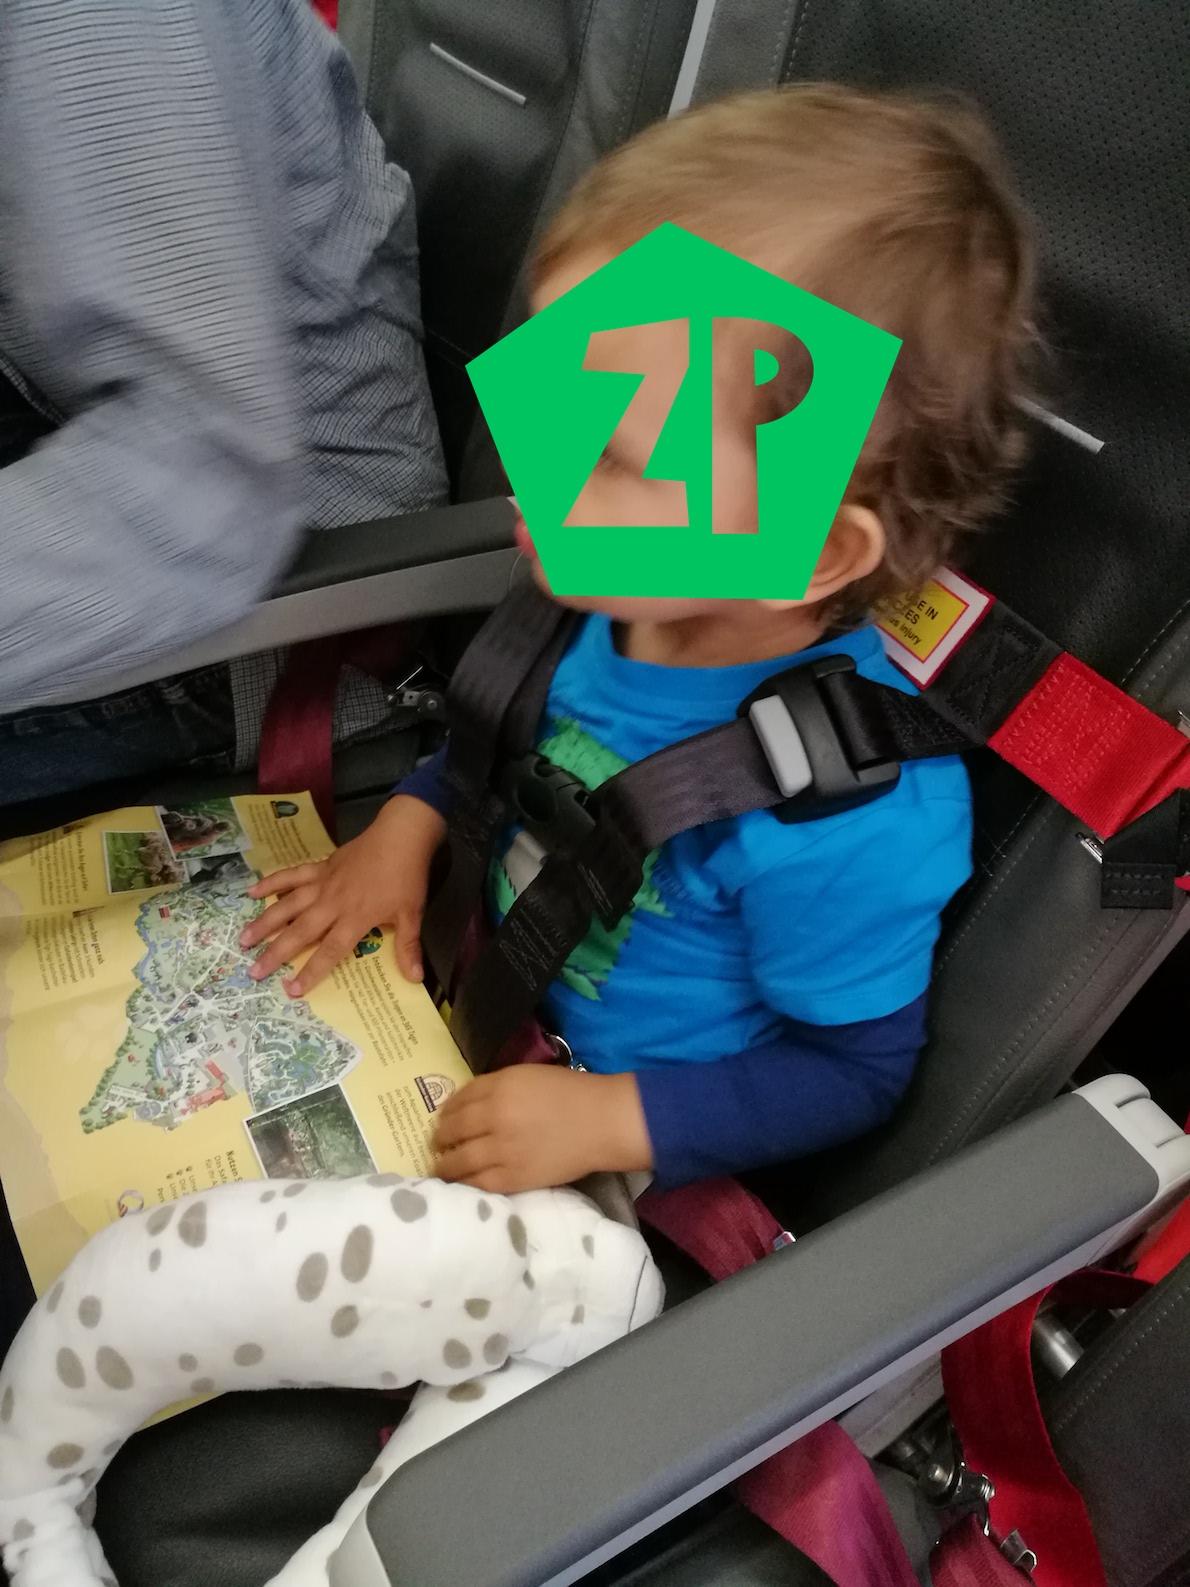 Erfahrungsbericht: Sichere Flugreise mit Kleinkind